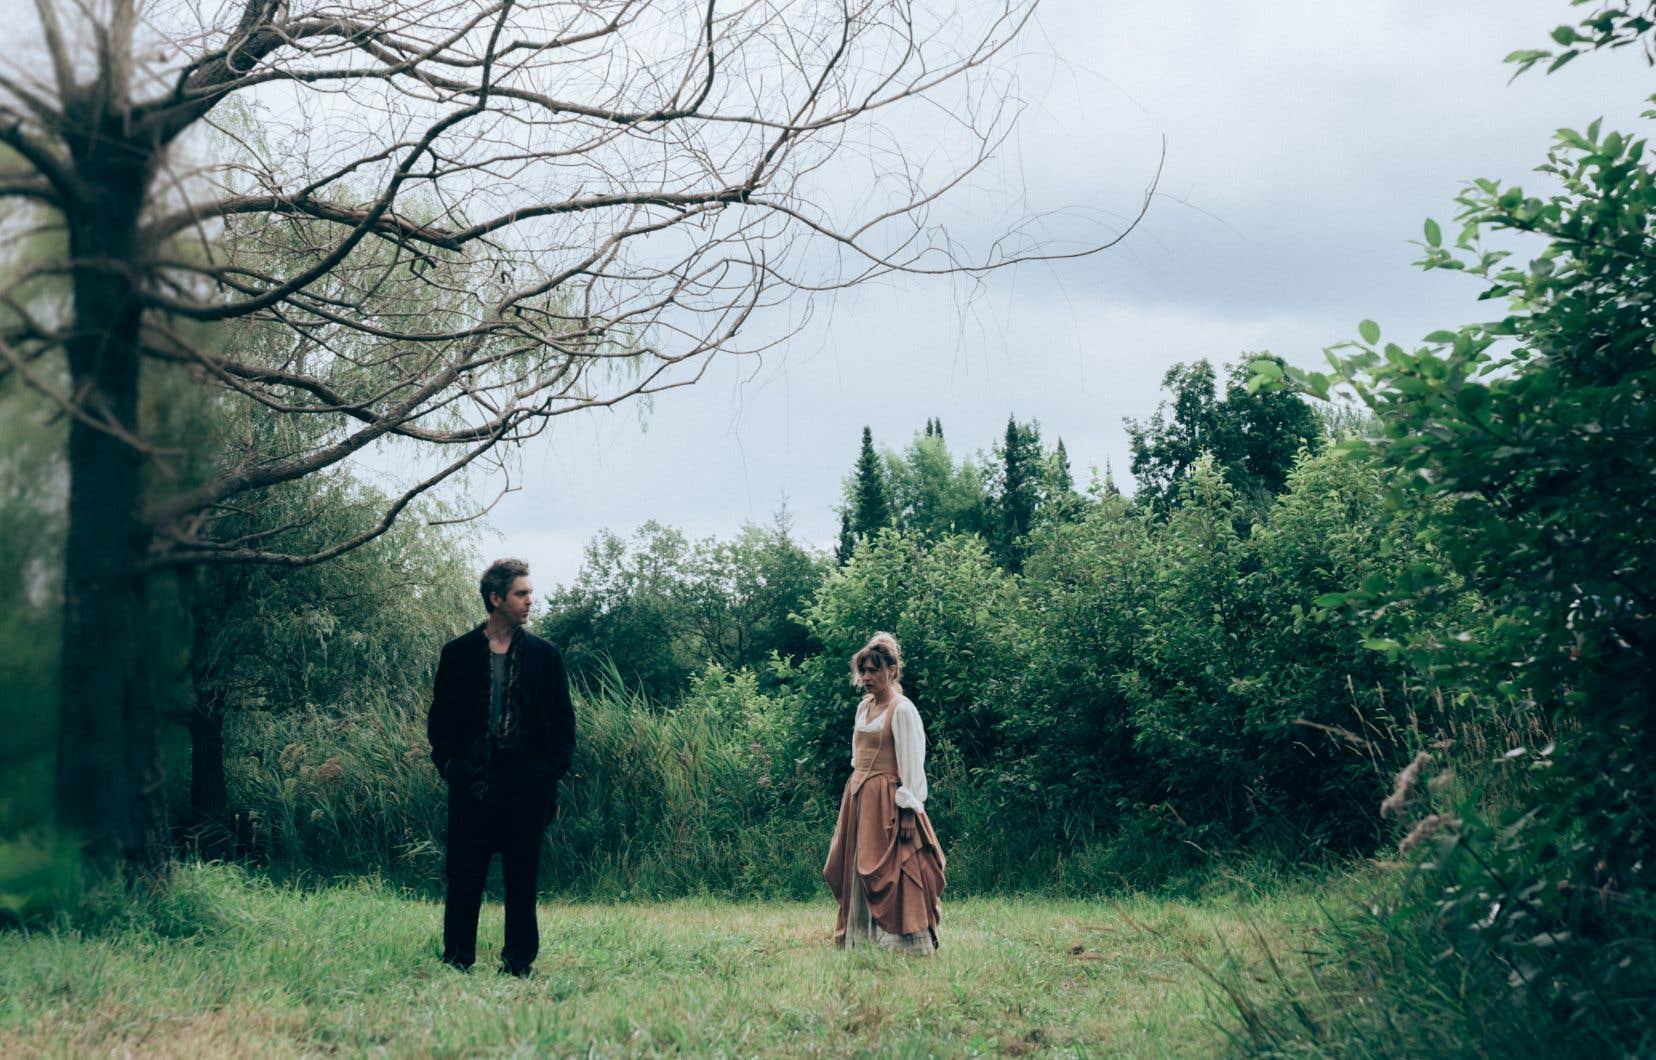 Une scène du film «Hygiène sociale», de Denis Côté, qui représentera le Québec dans la sectionEncounters du festival